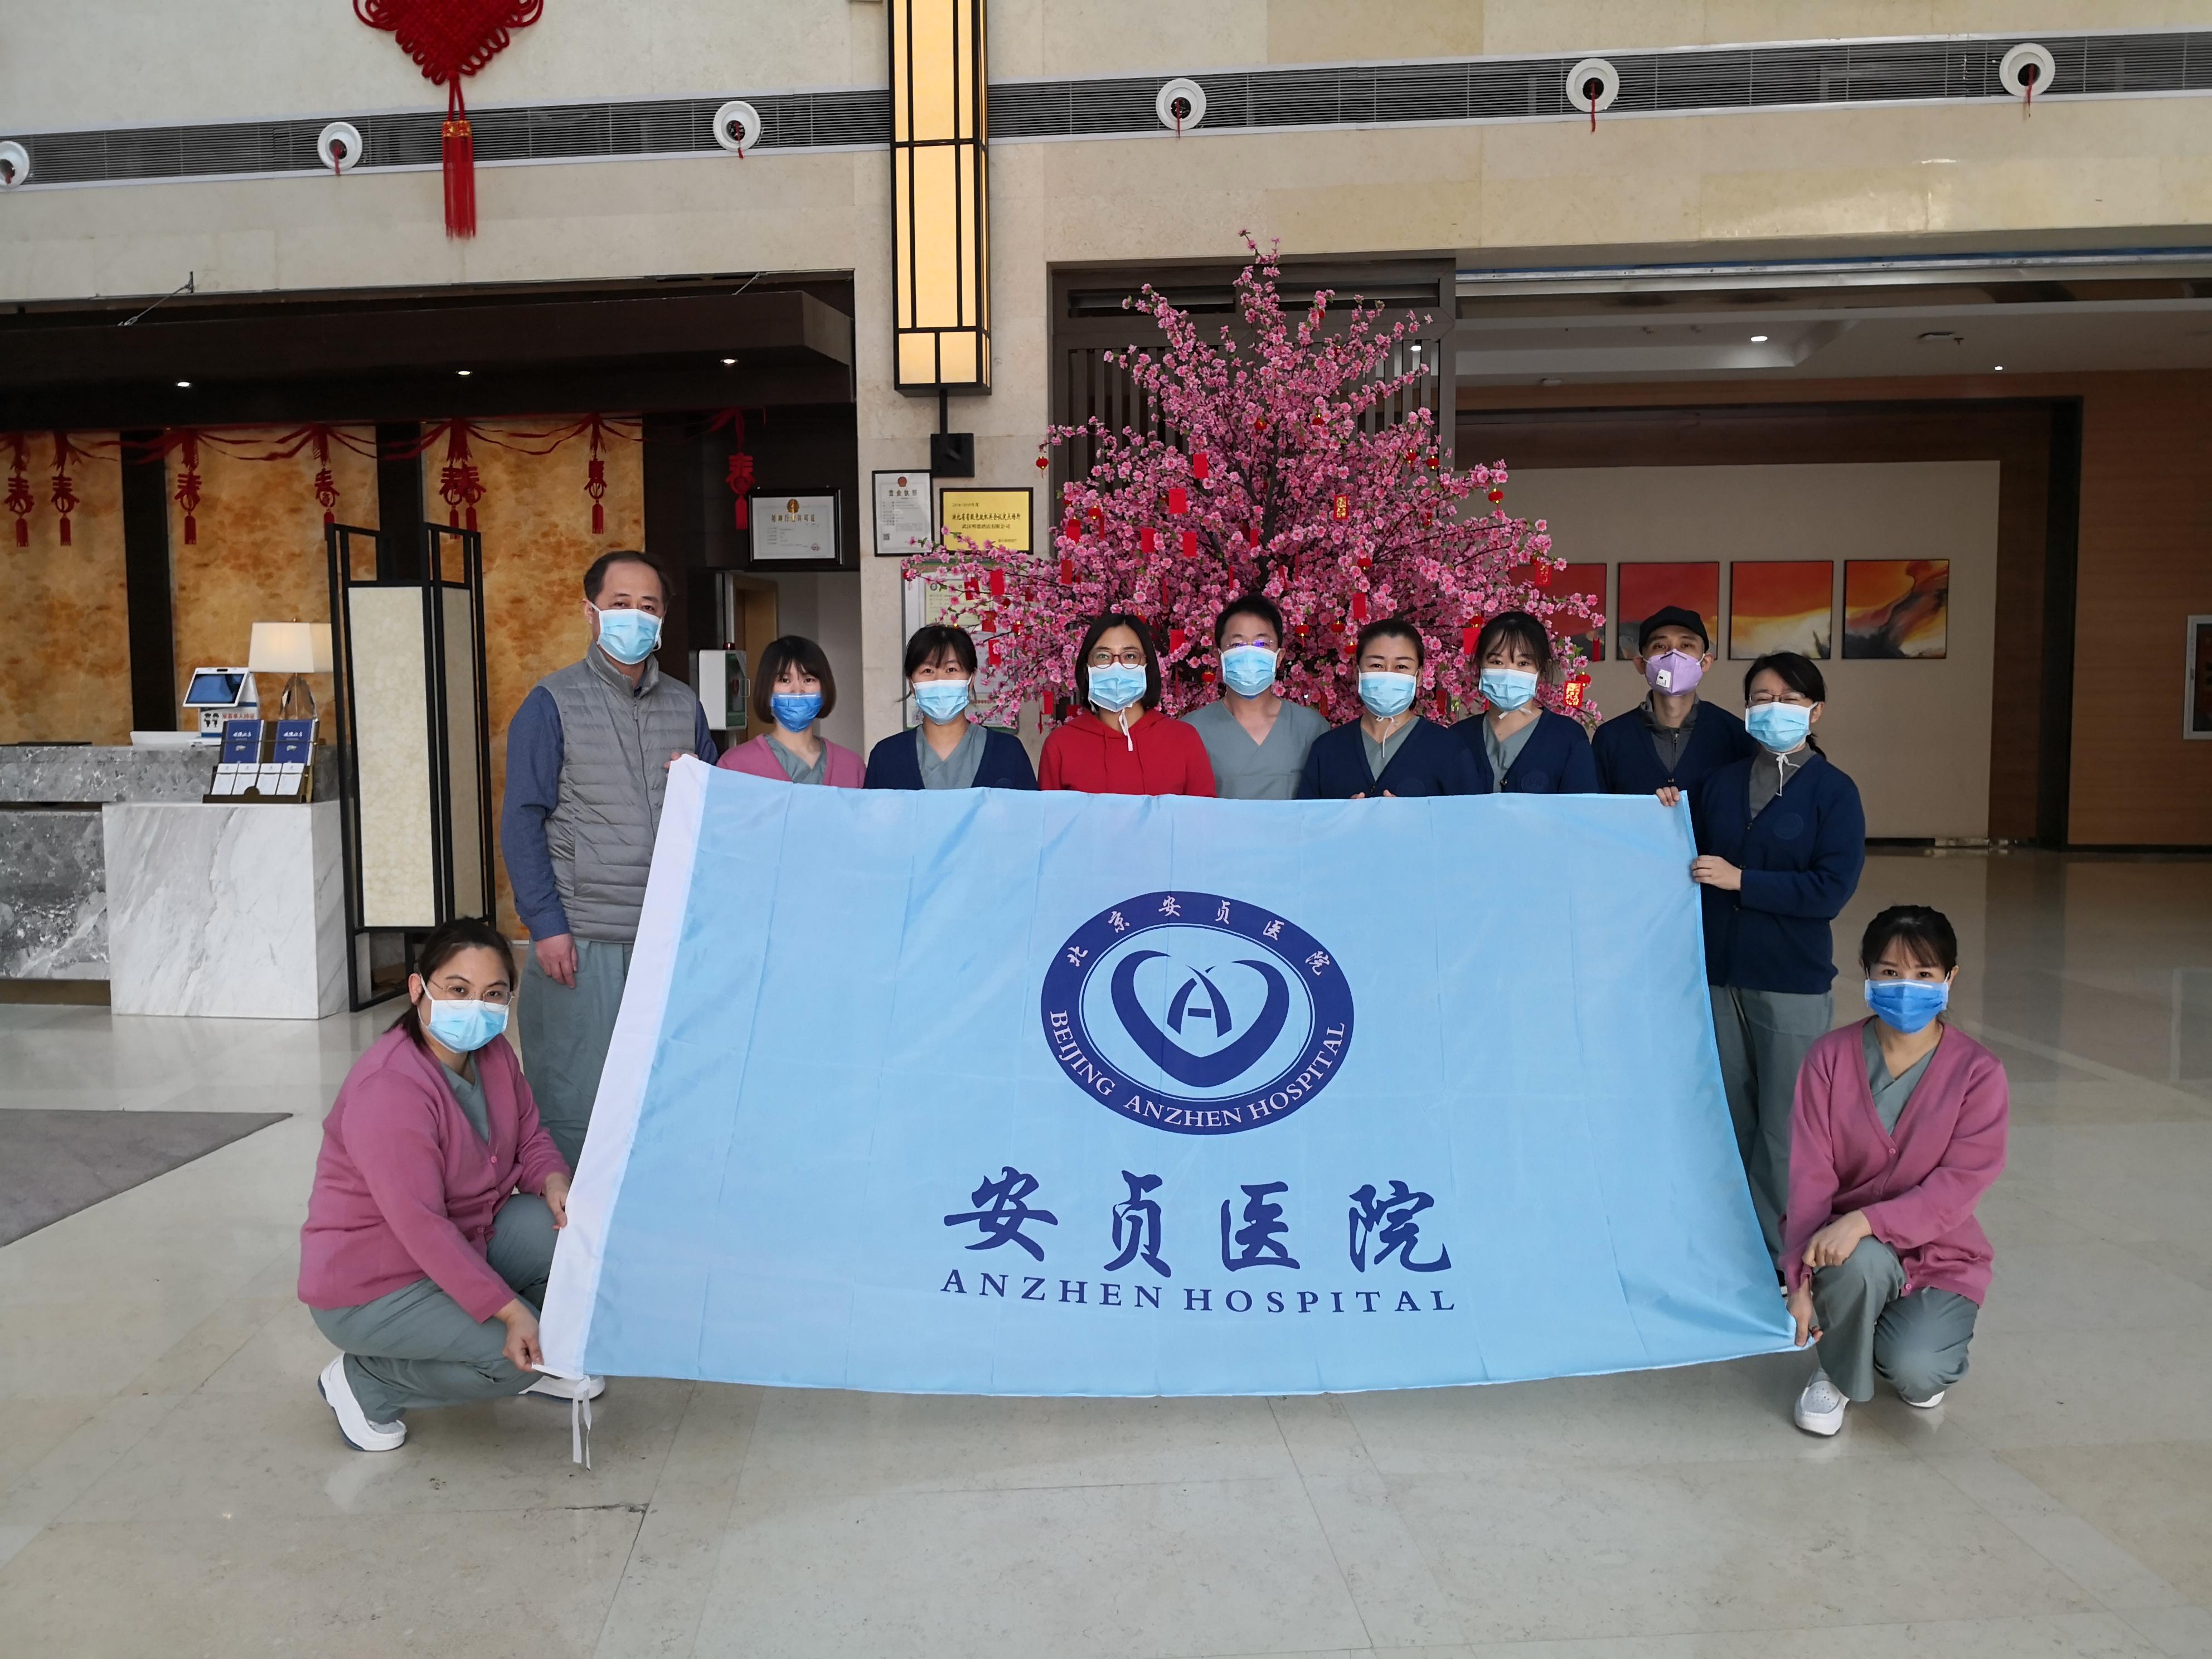 北京援鄂医生:只为亲人朋友能早日摘下口罩自由呼吸